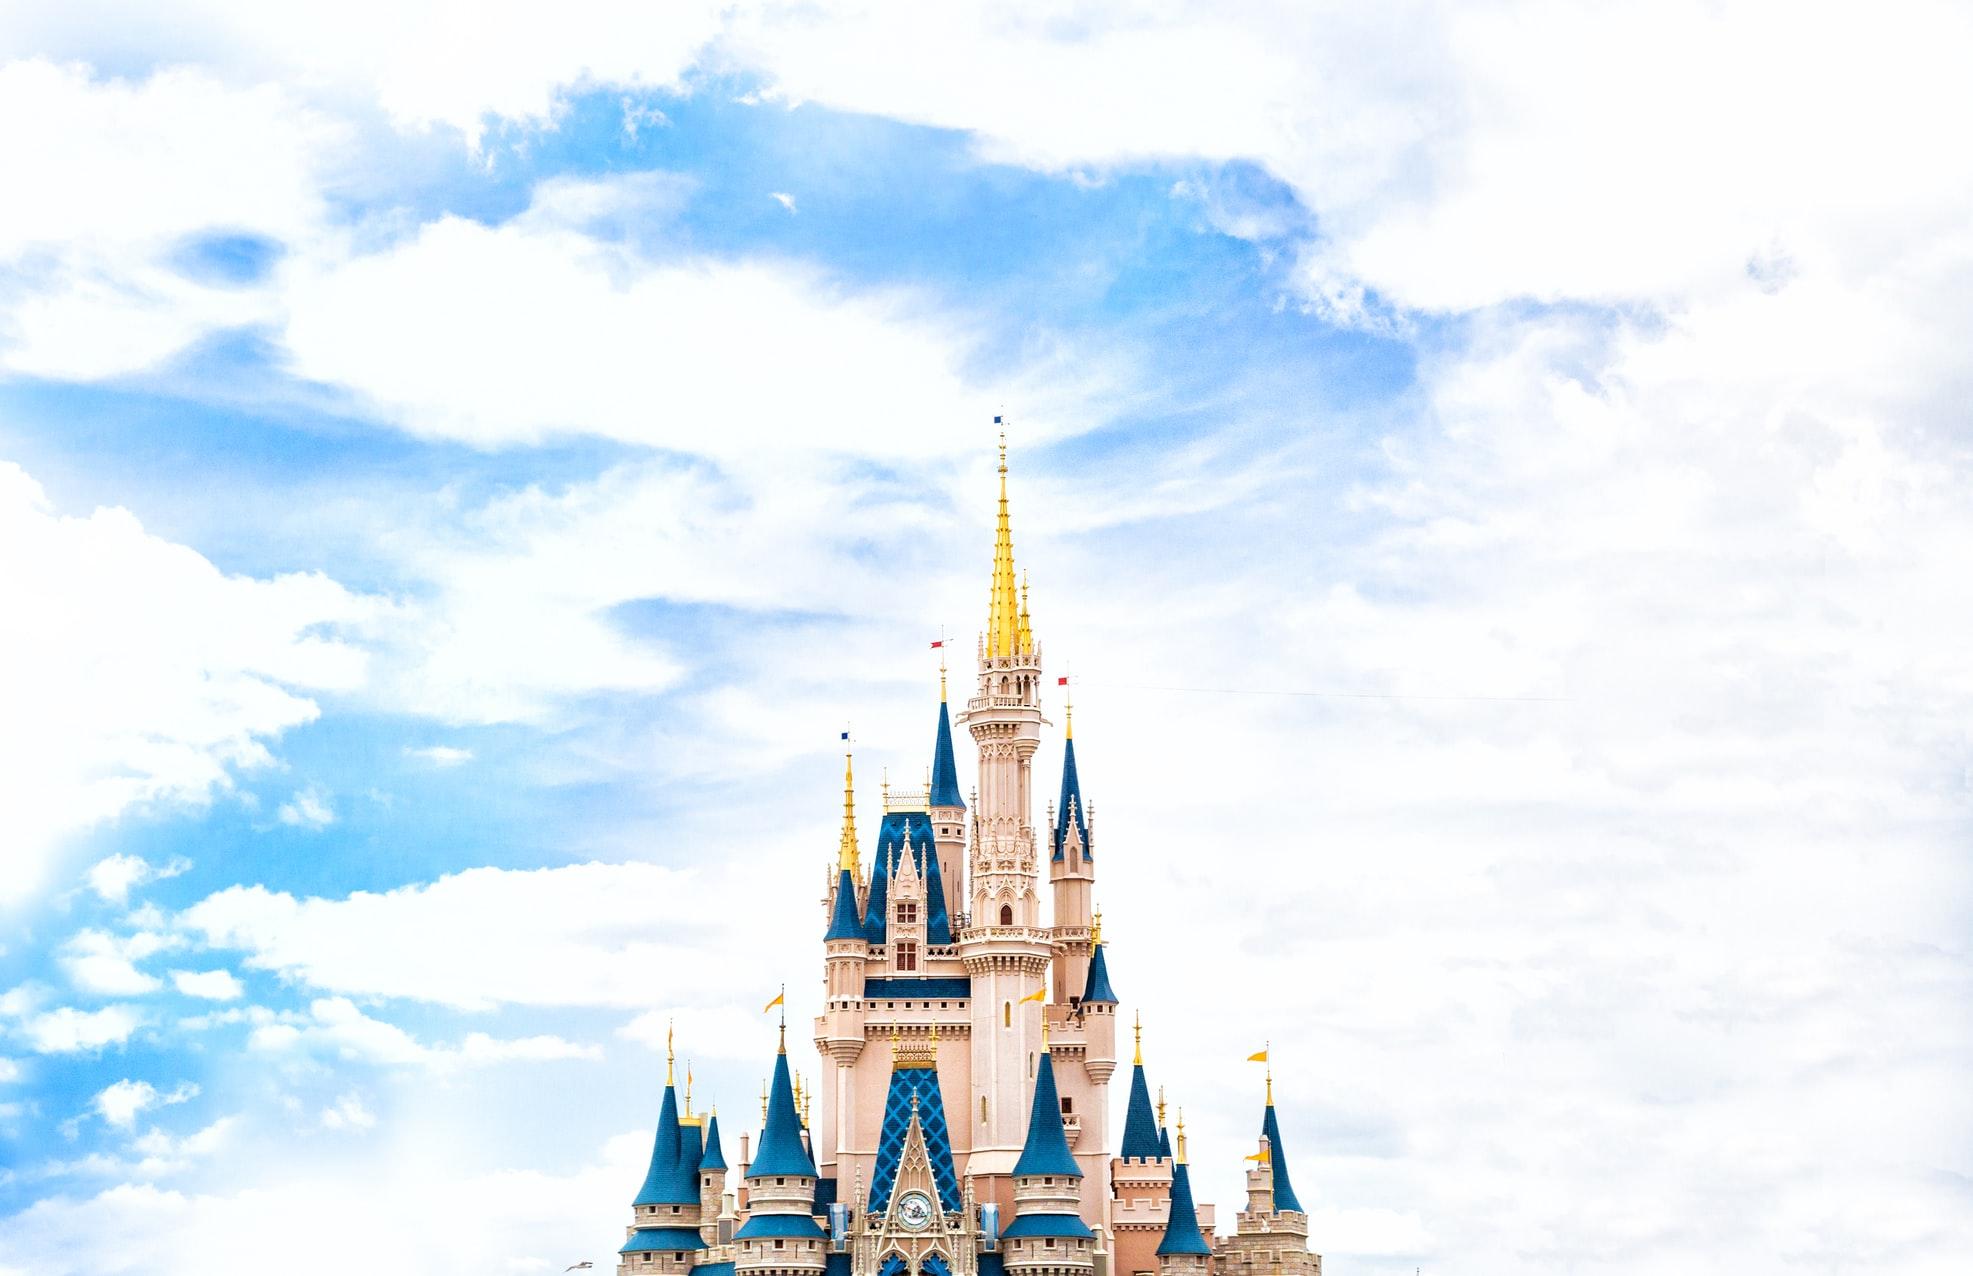 Que faire pendant le confinement - Profiter de Disney +